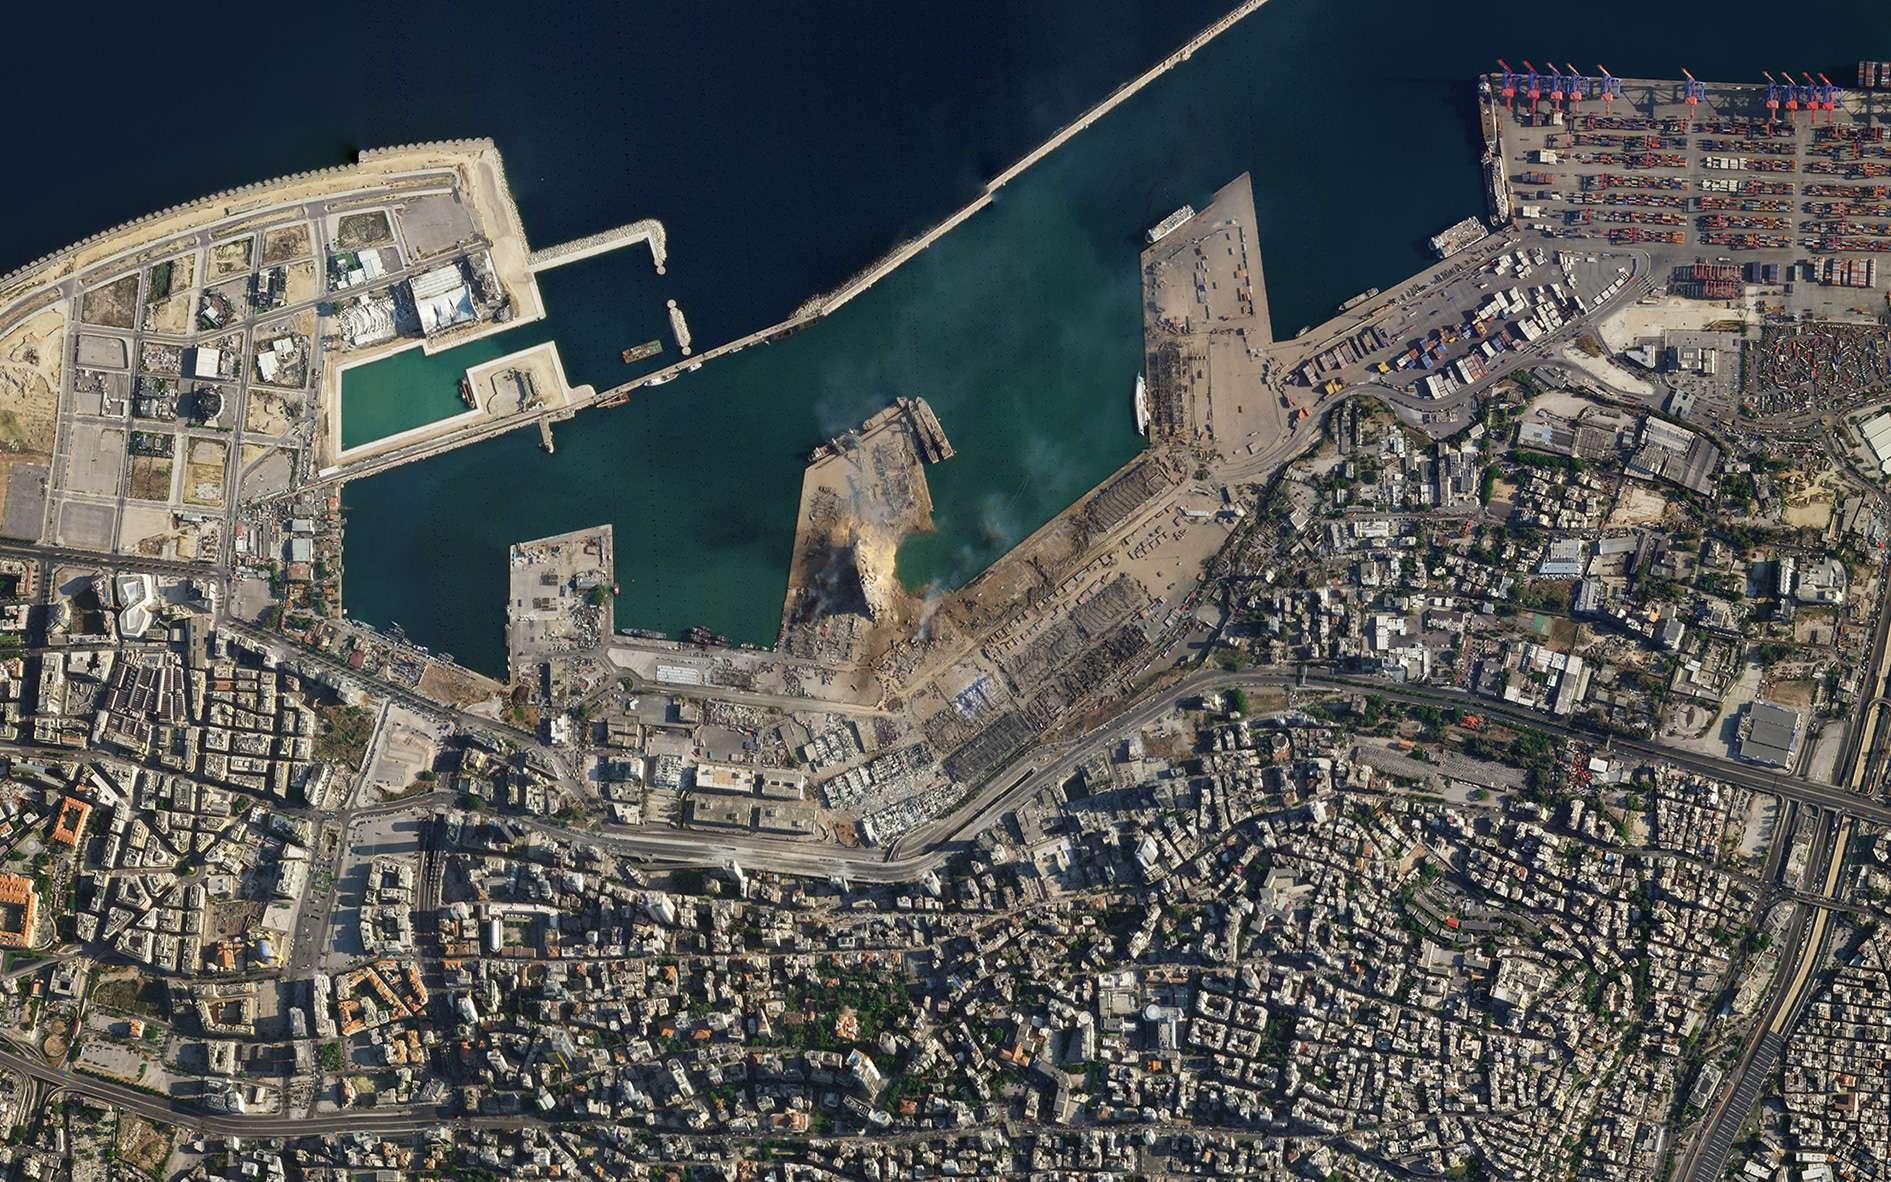 Le port de Beyrouth après l'explosion survenue le 4 août 2020. © 2020 Planet Labs, Inc